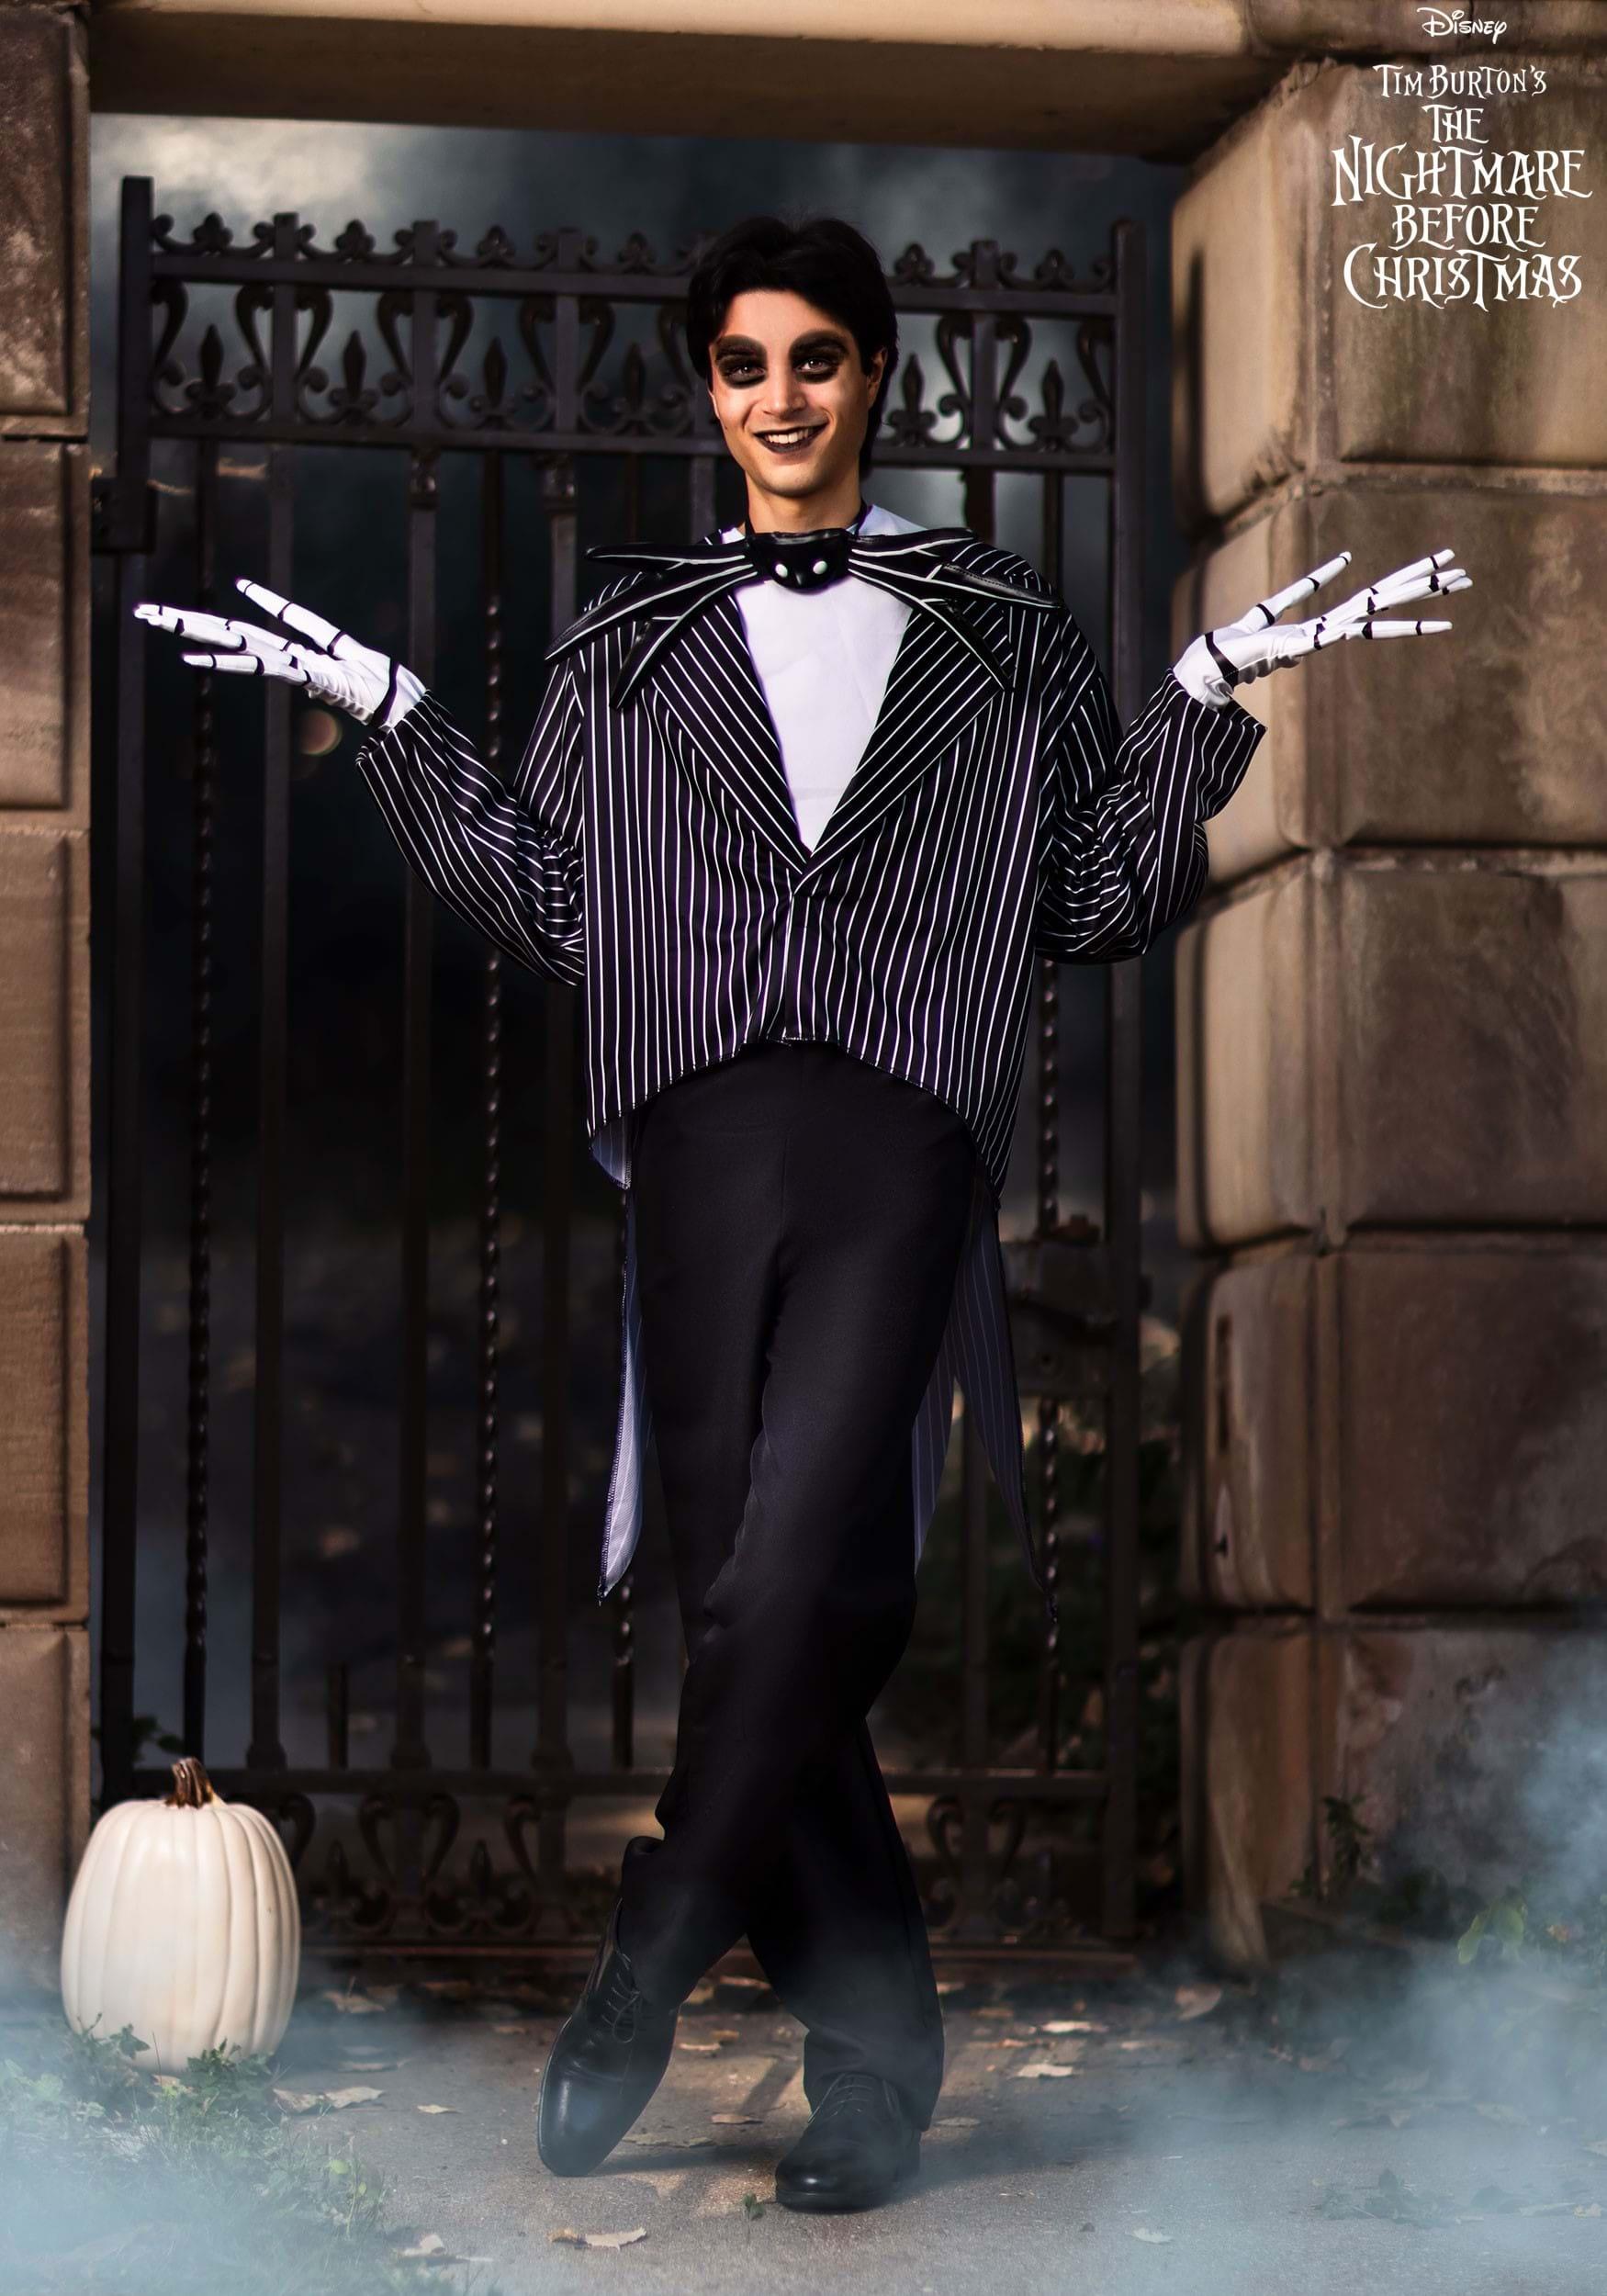 Baby Boys Disney Nightmare Before Christmas Jack Skellington Fancy Dress Costume